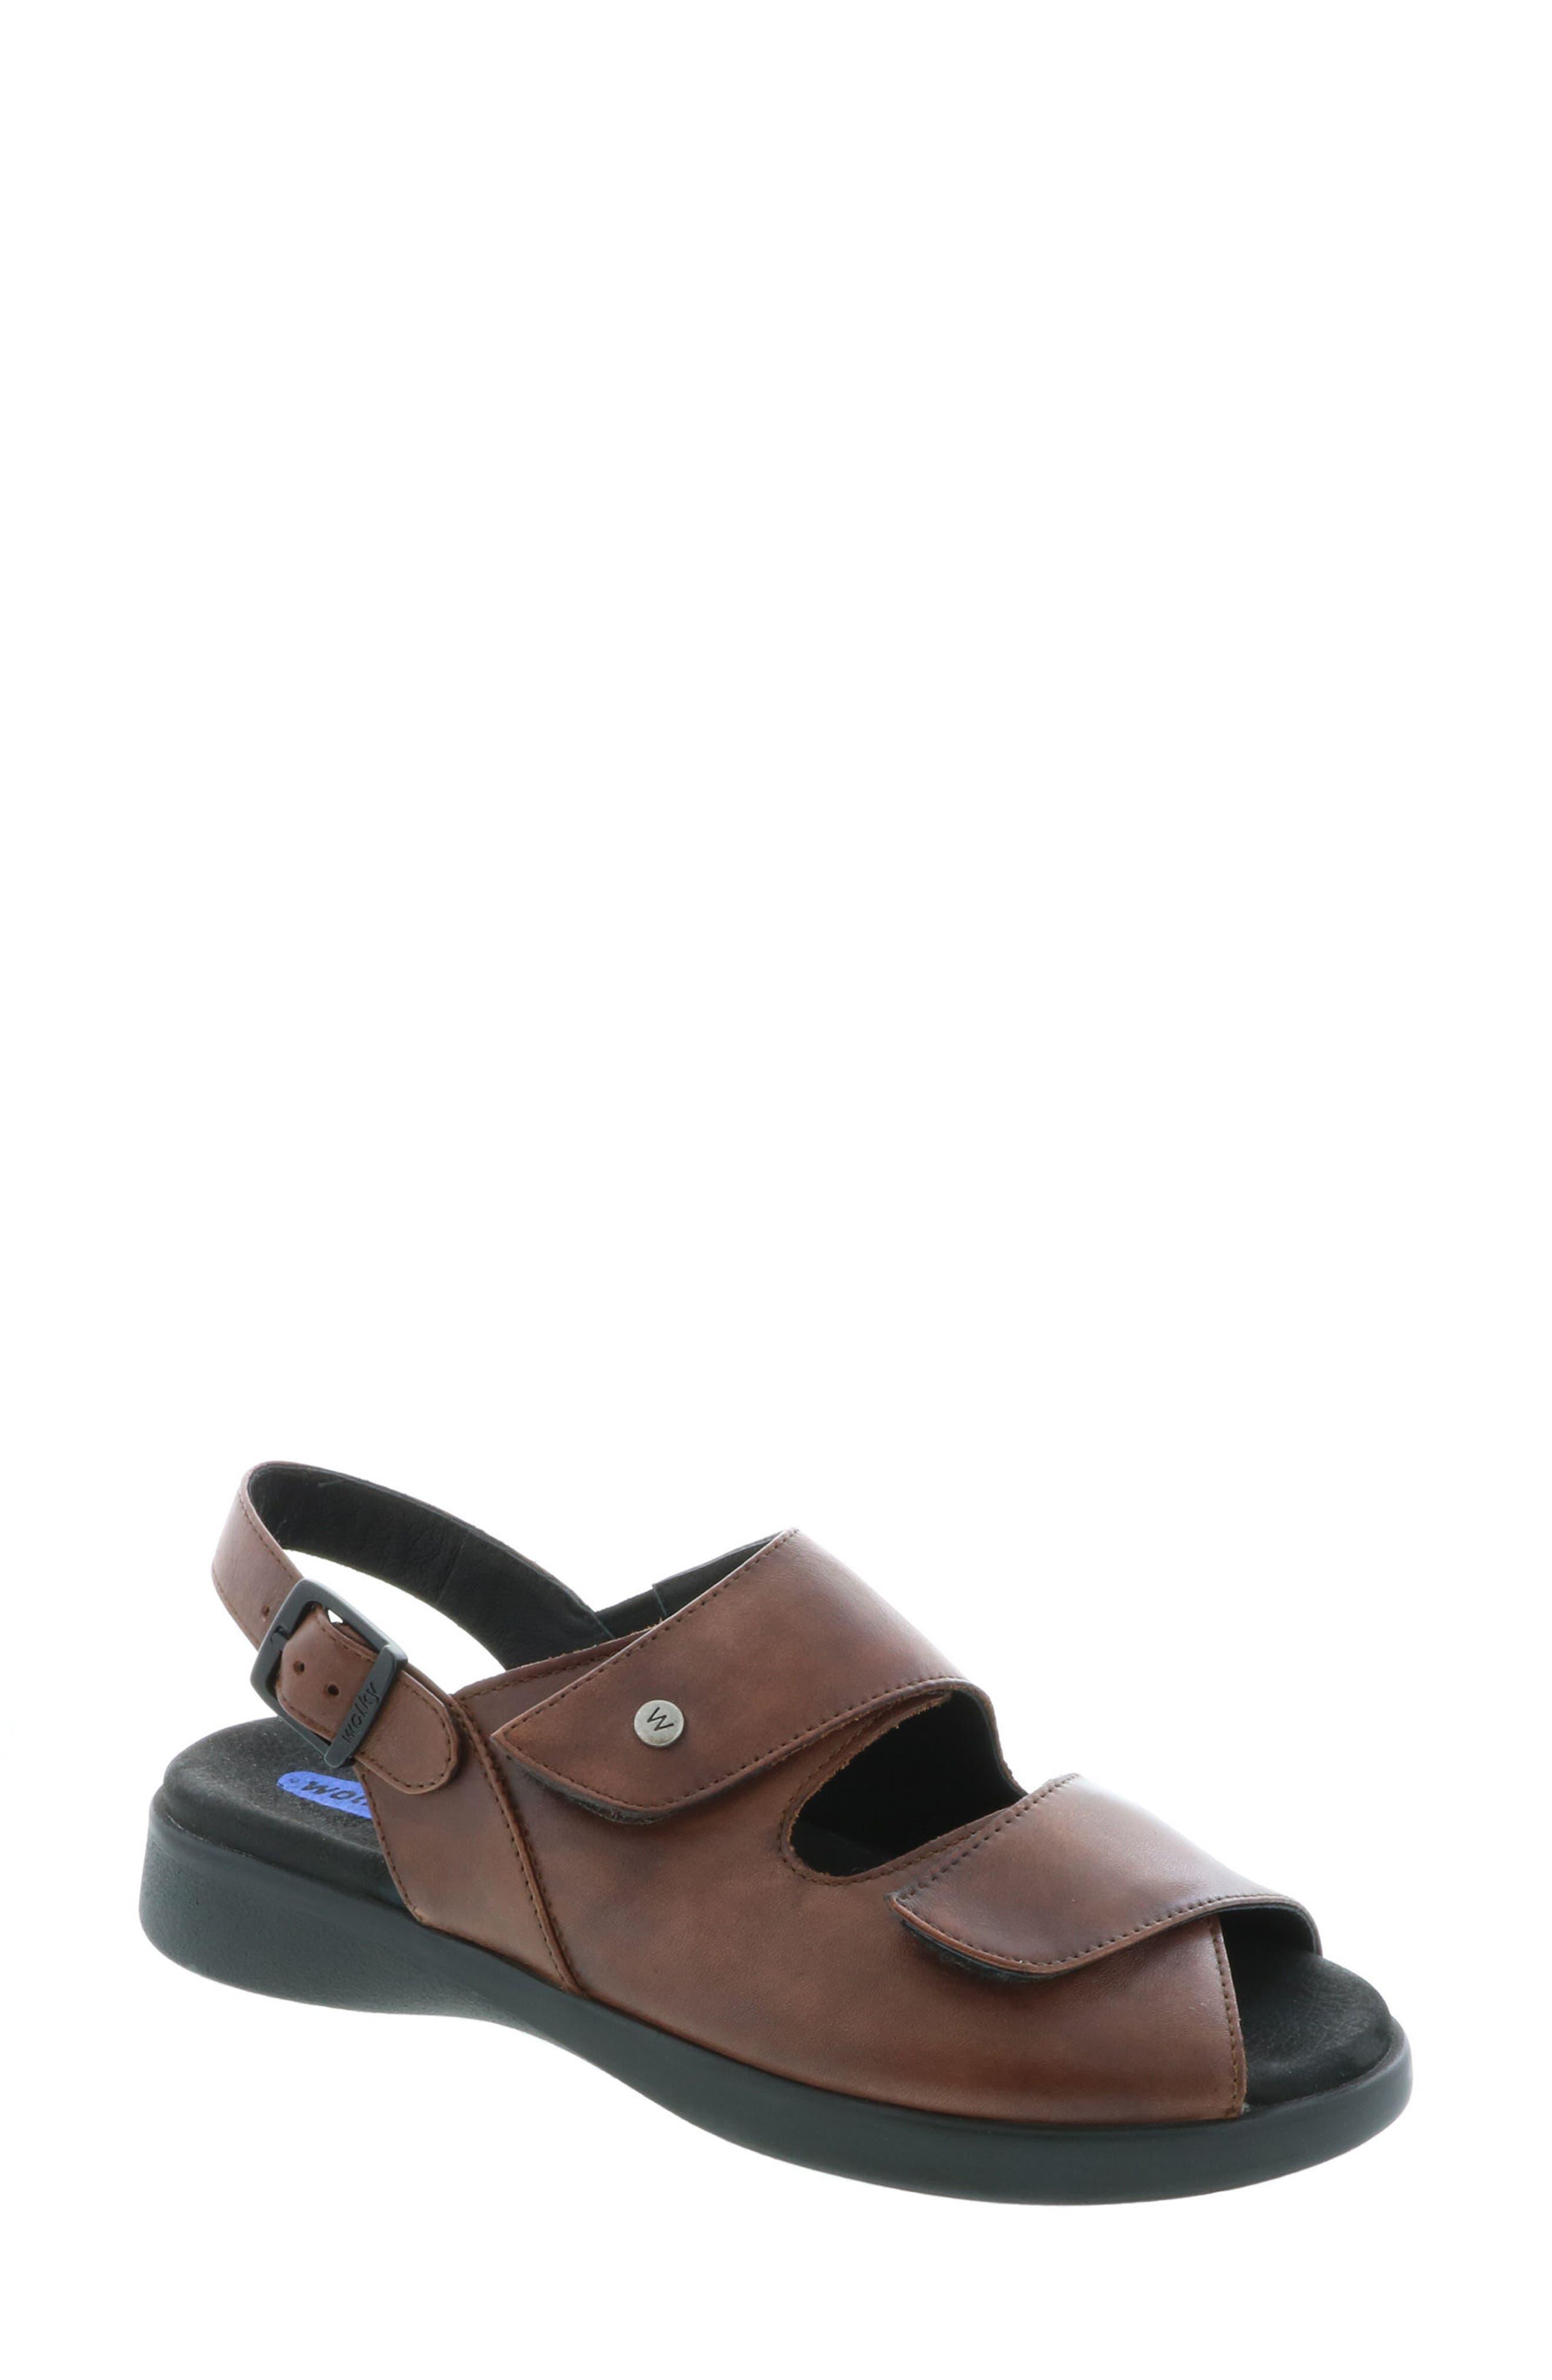 Nimes Sandal,                         Main,                         color, Cognac Faux Leather